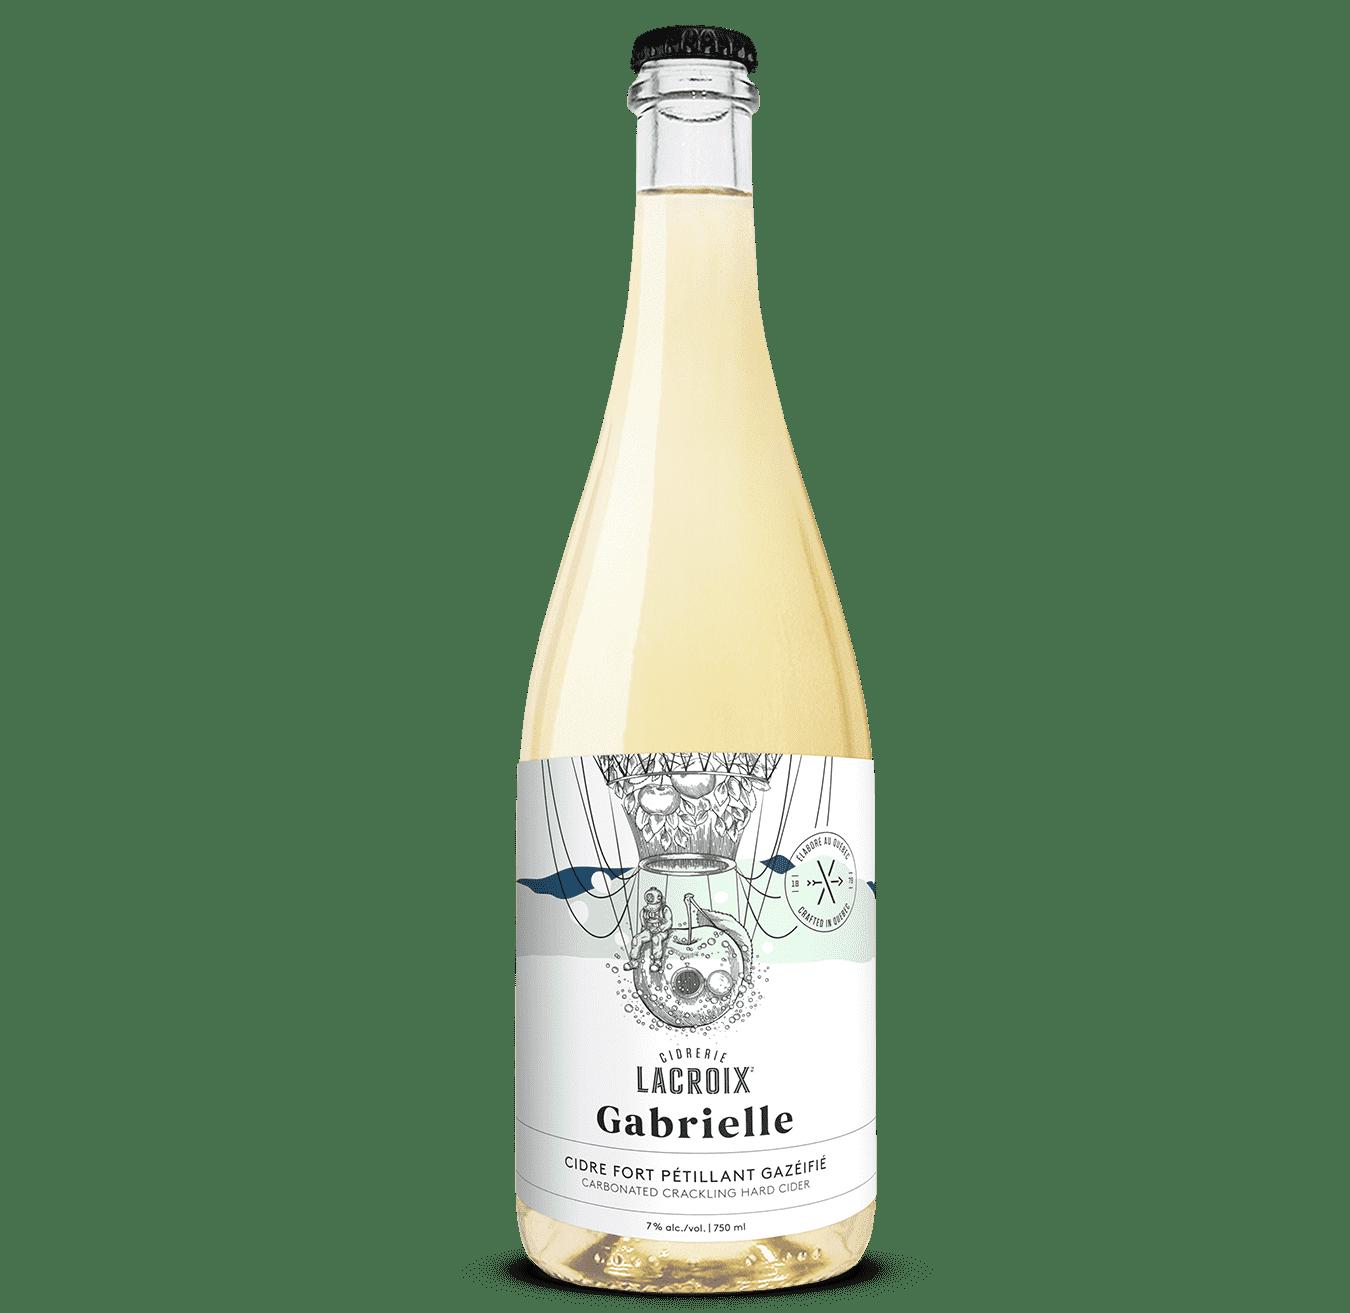 Gabrielle - Cidre pétillant